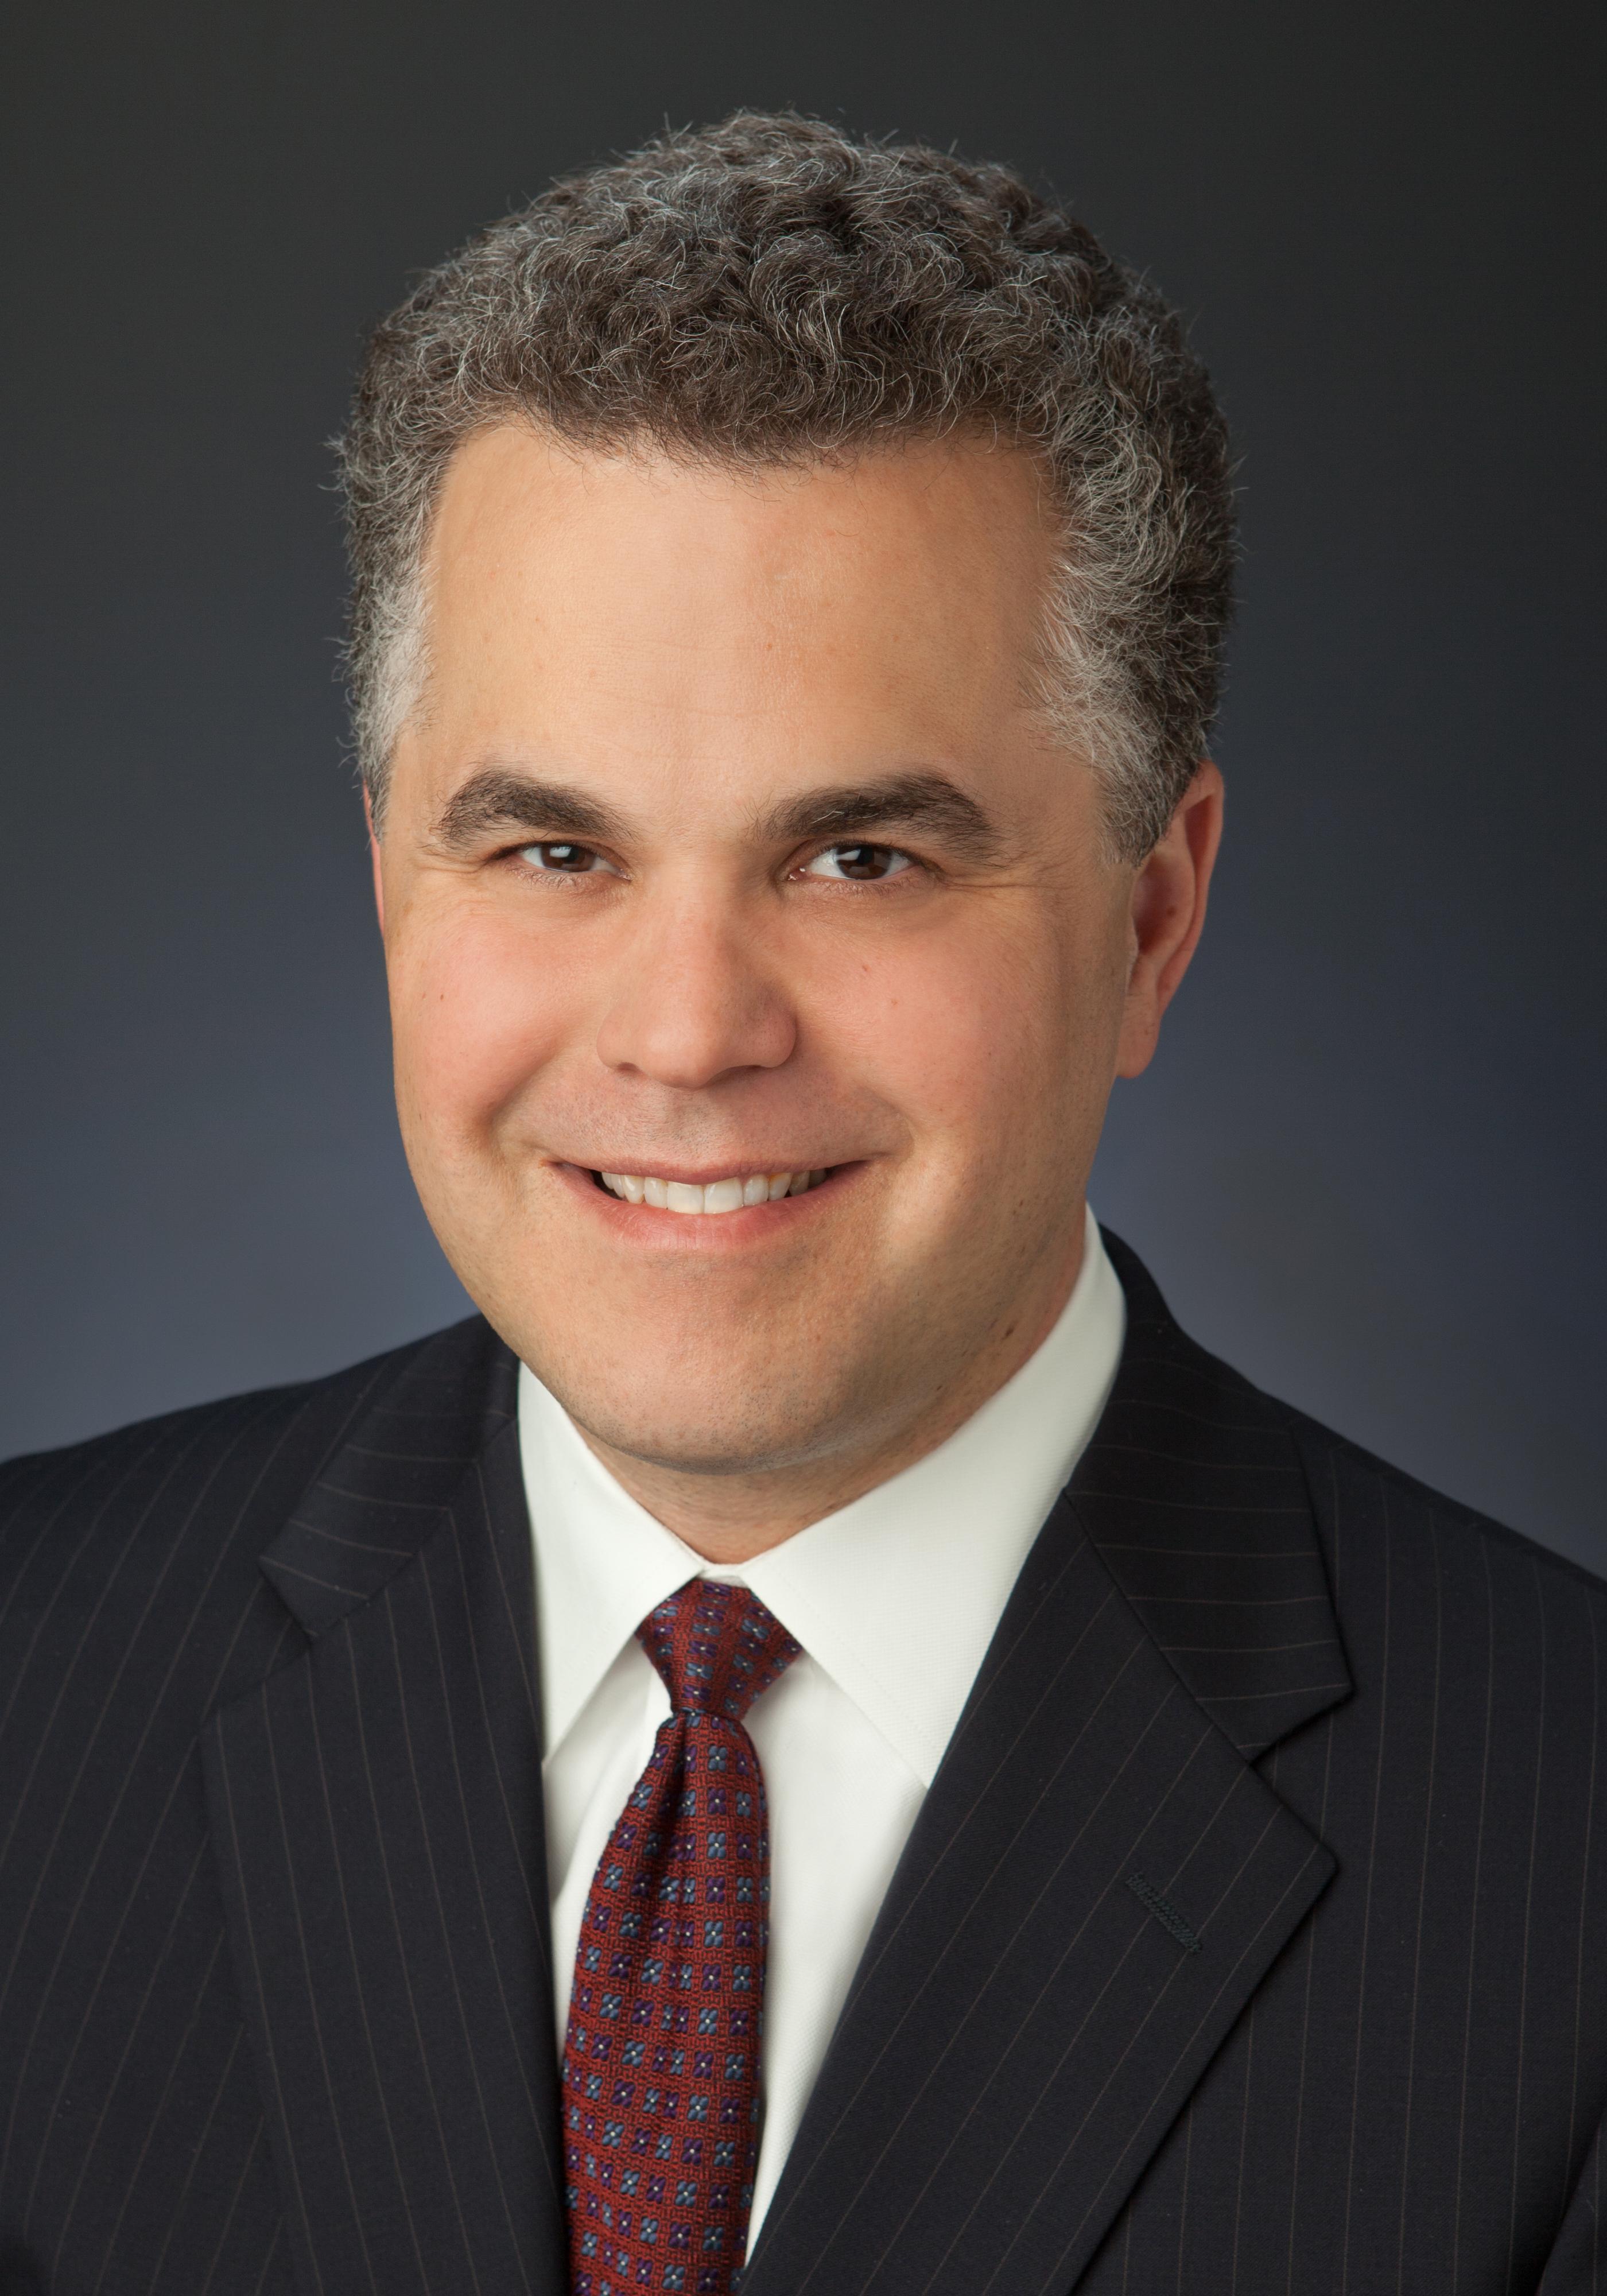 Mark J. Gerstein